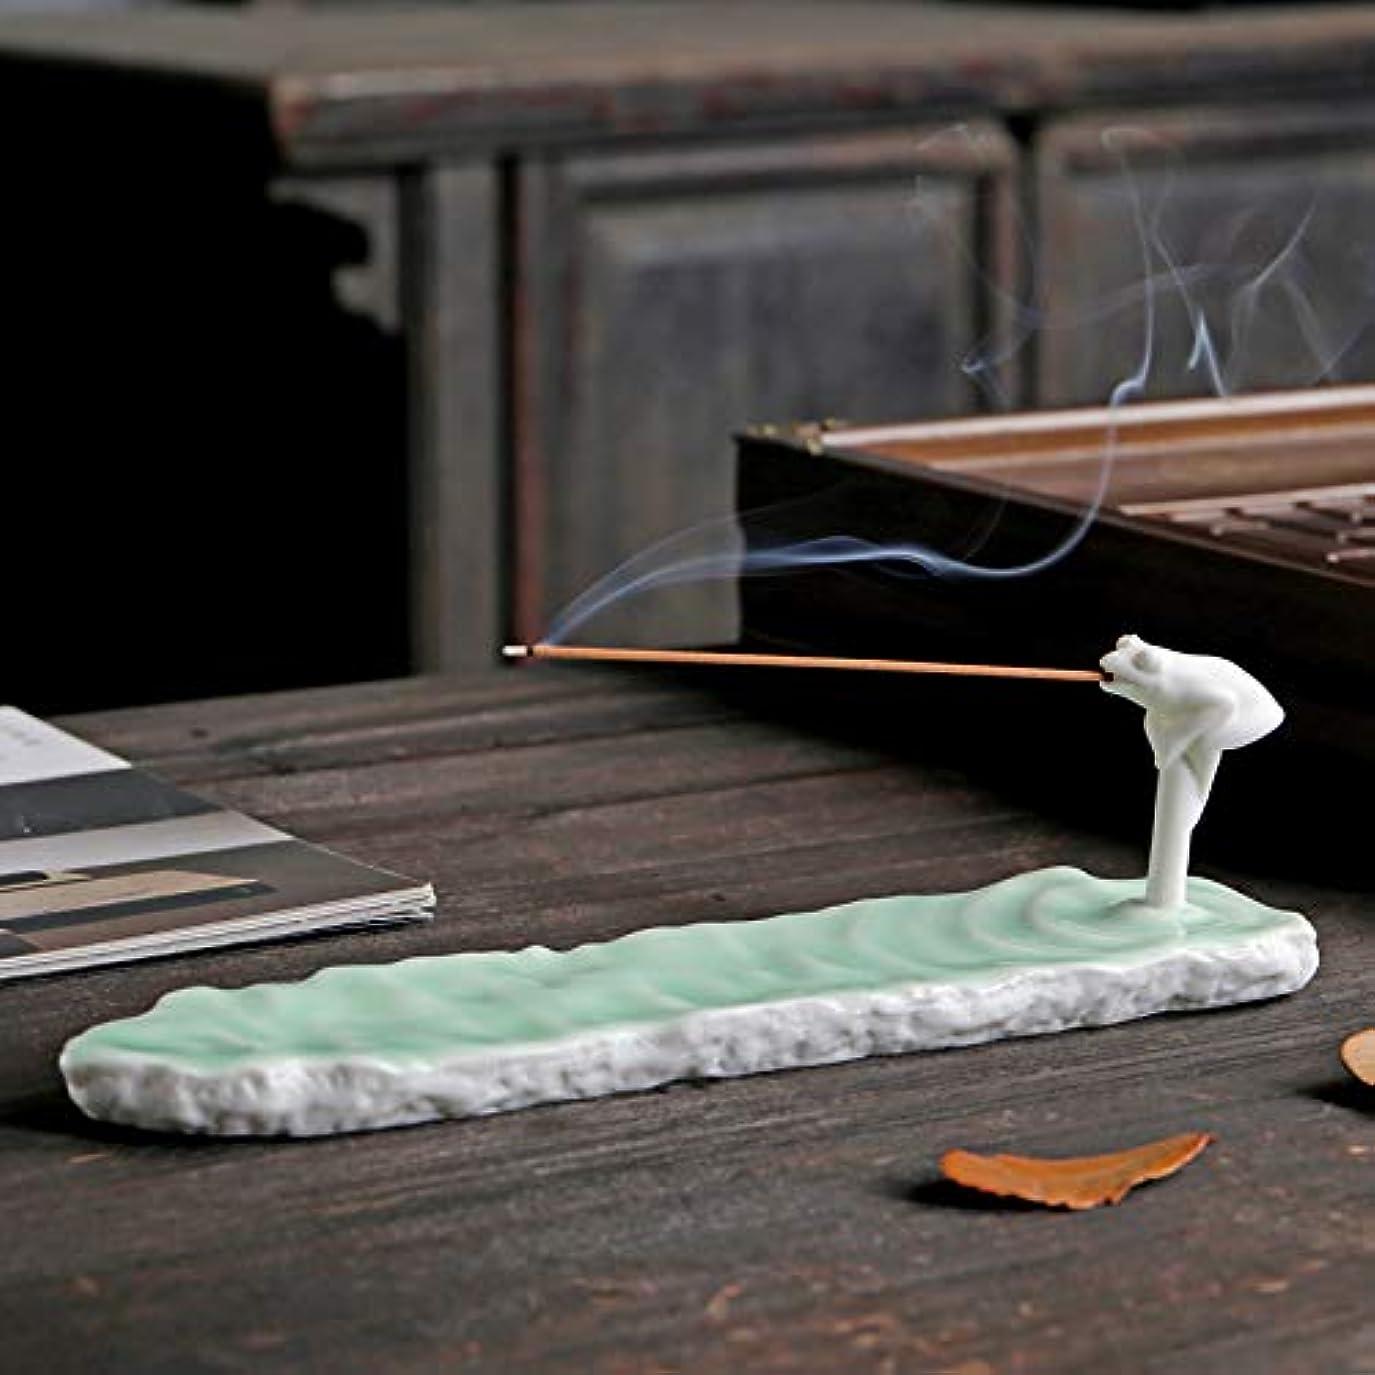 先行する凝縮するPHILOGOD 陶器香炉 手作り創造的なカエルの形 仏壇用 線香立て 香皿 (Green)